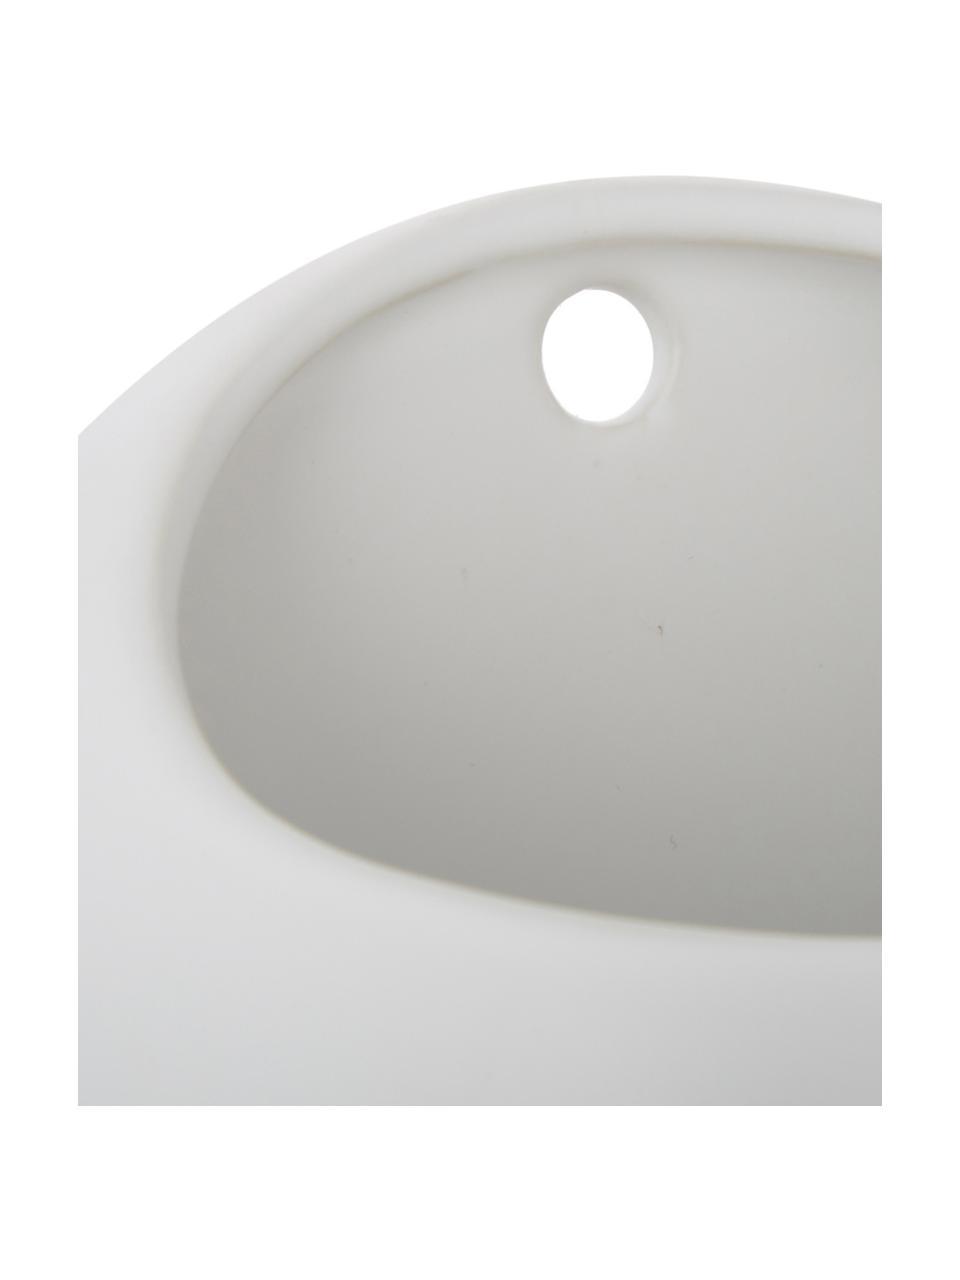 Ścienna osłonka na doniczkę z ceramiki Globe, Ceramika, Biały, Ø 15 x W 10 cm